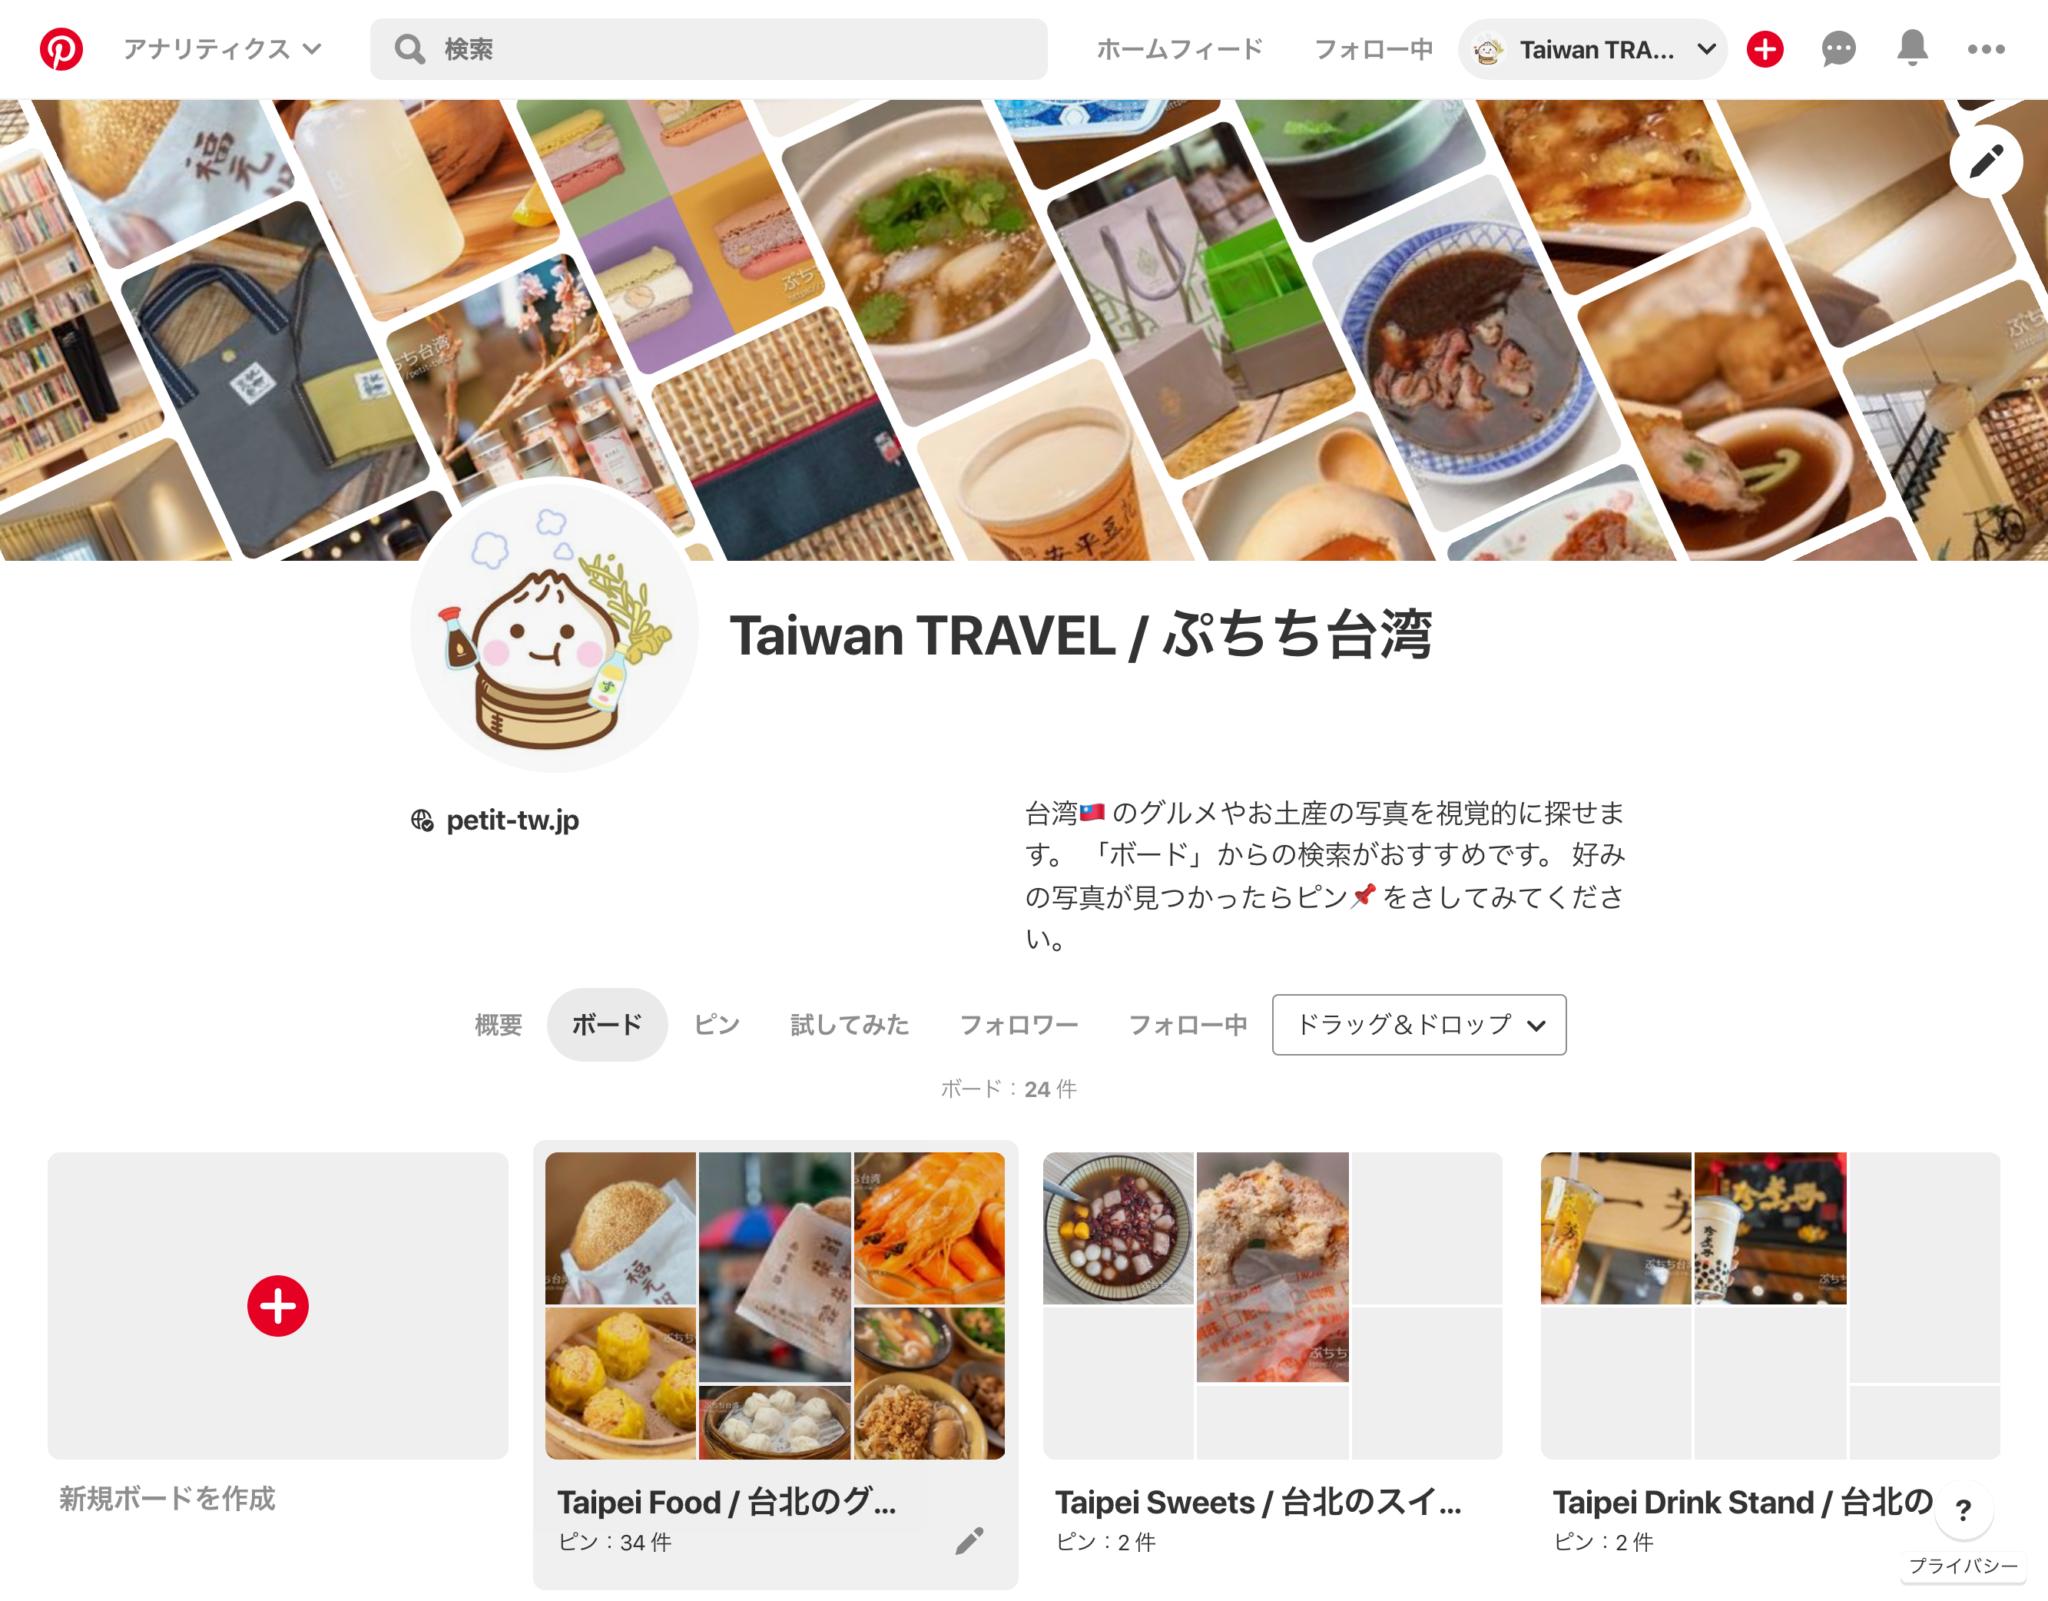 ぷちち台湾のピンタレスト